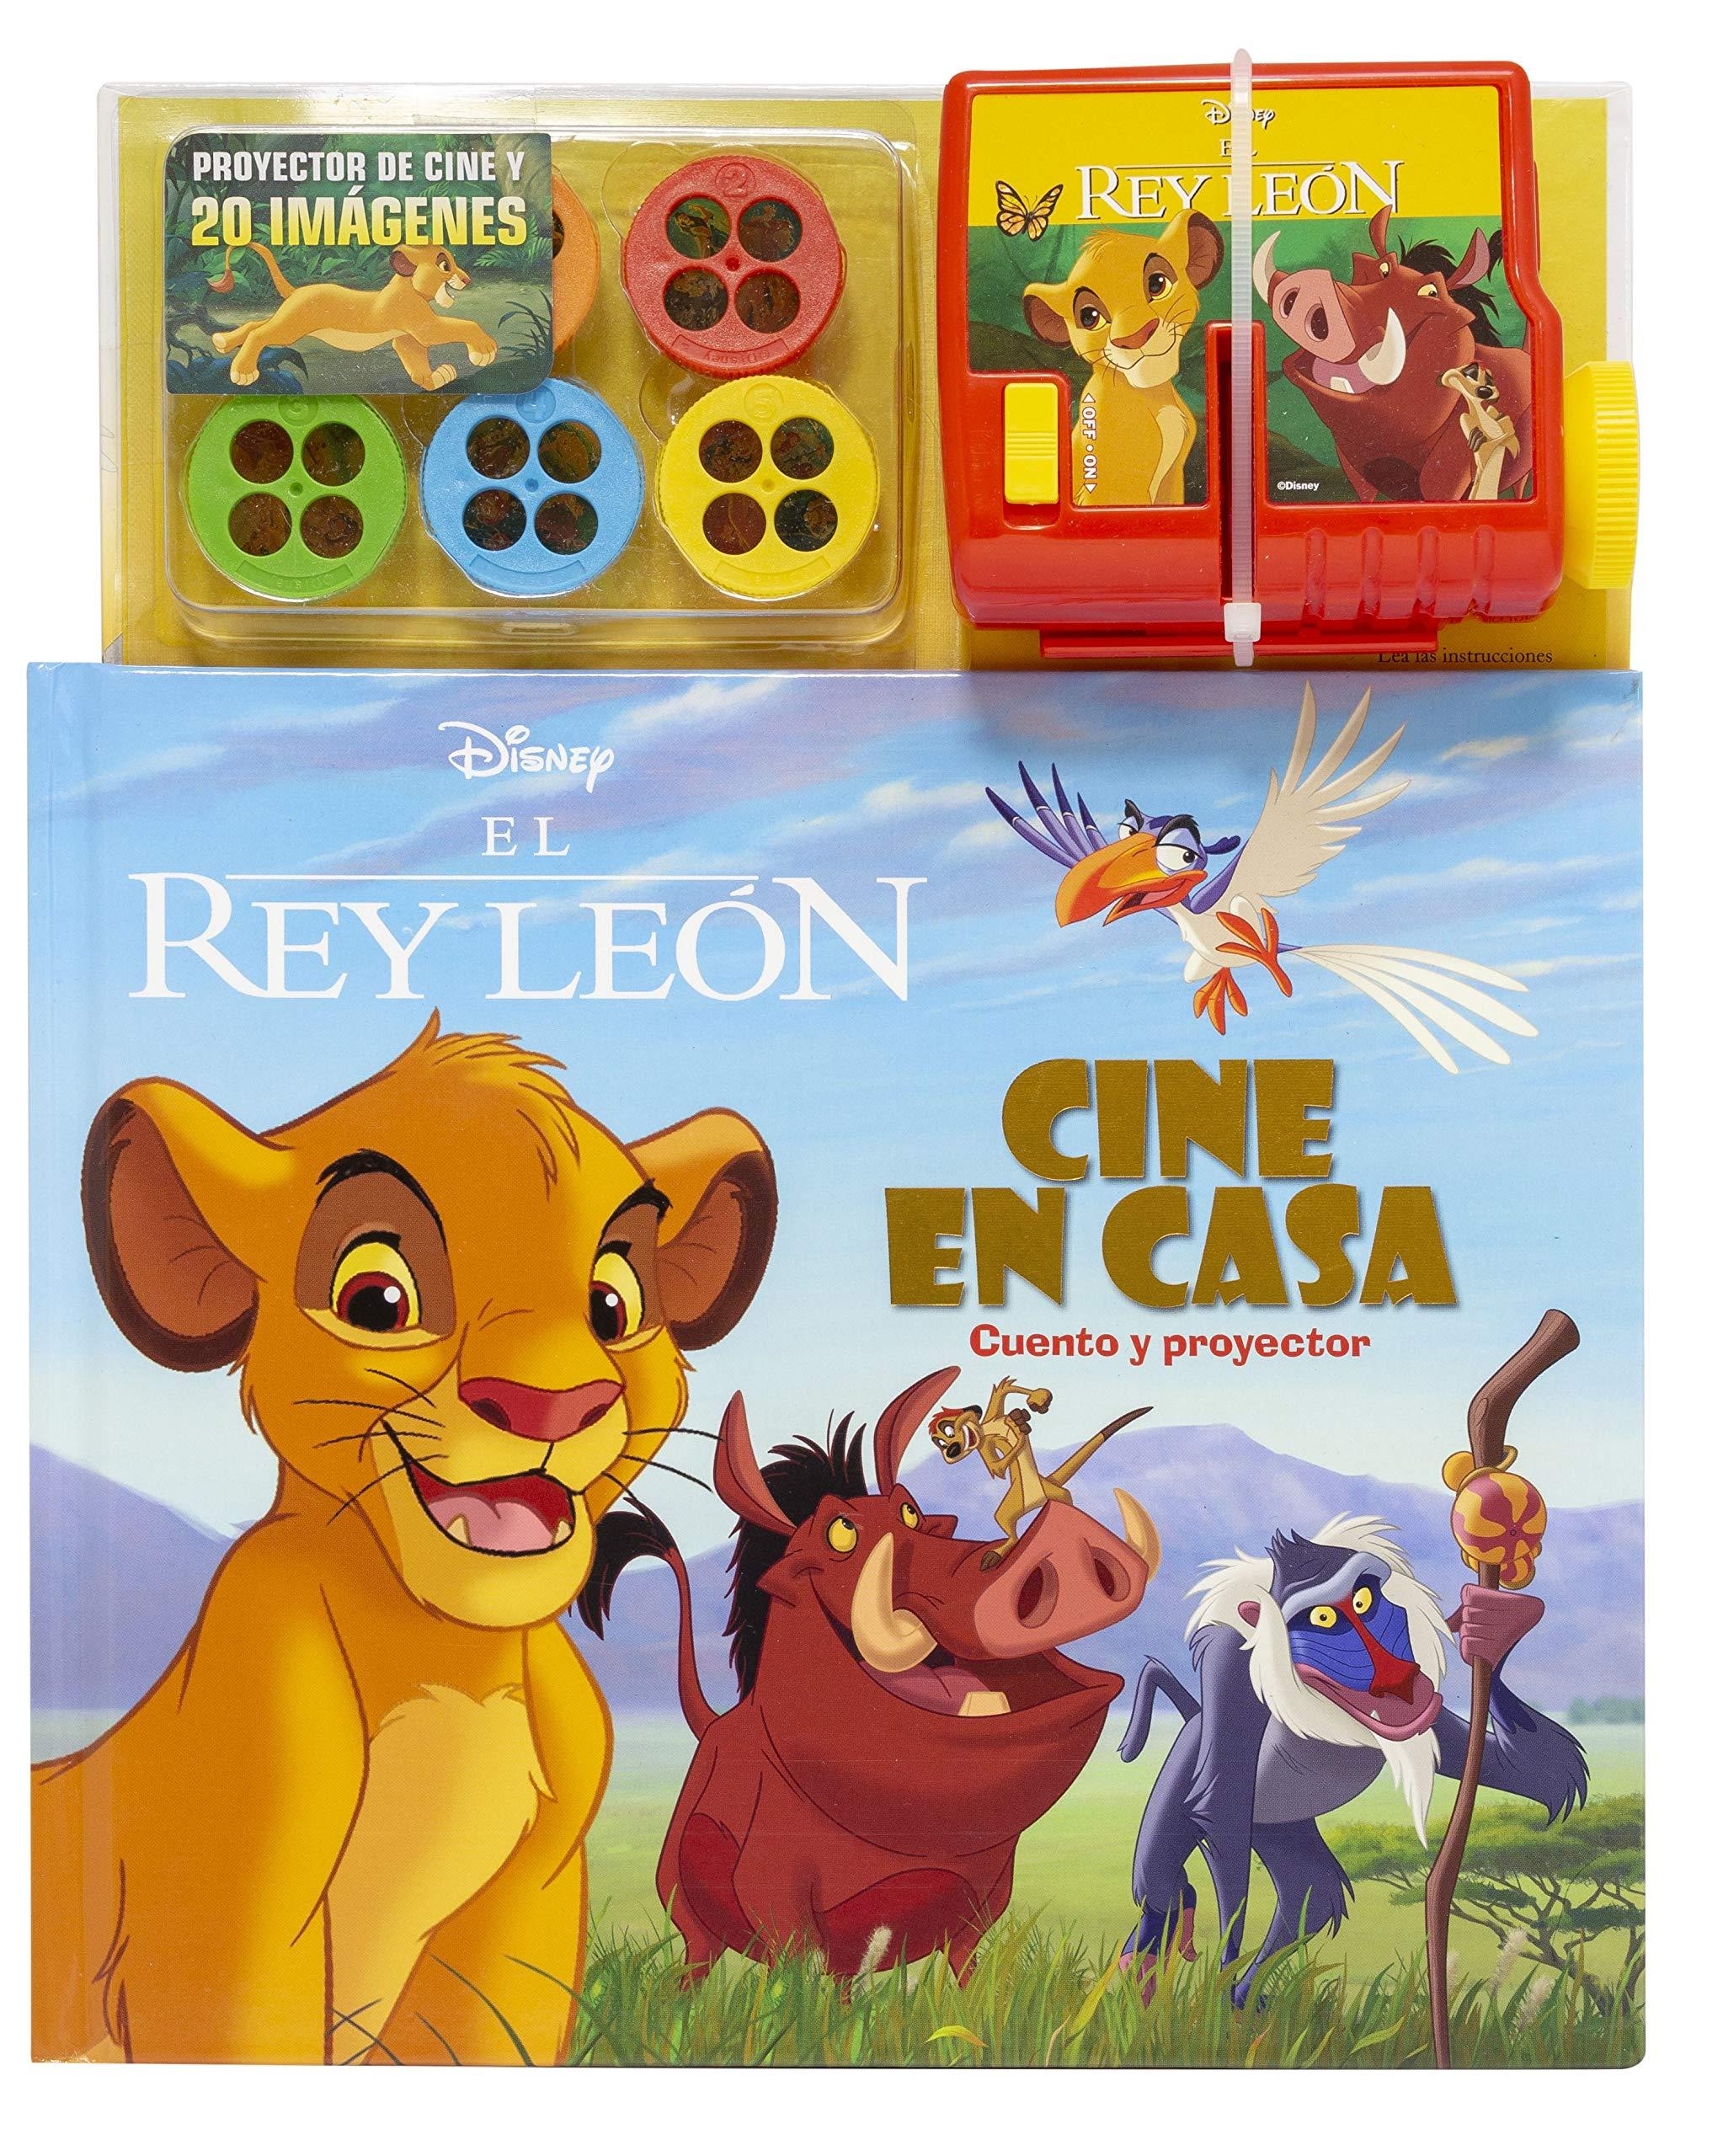 El Rey León. Cine en casa: Cuento y proyector Disney. El Rey ...